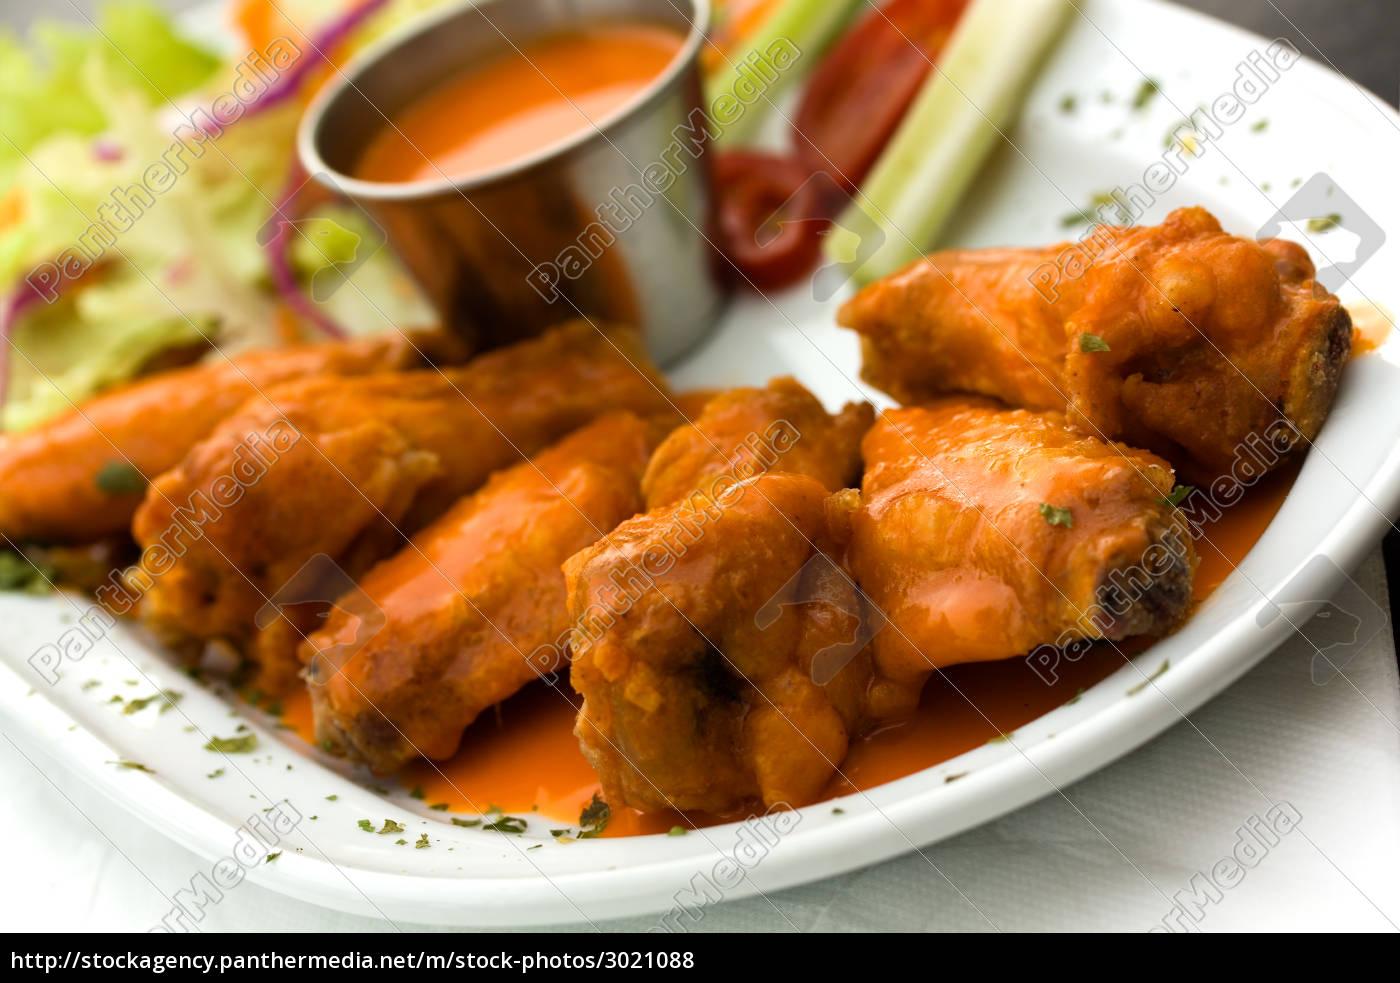 buffalo, wings, chicken, leg, gravy - 3021088